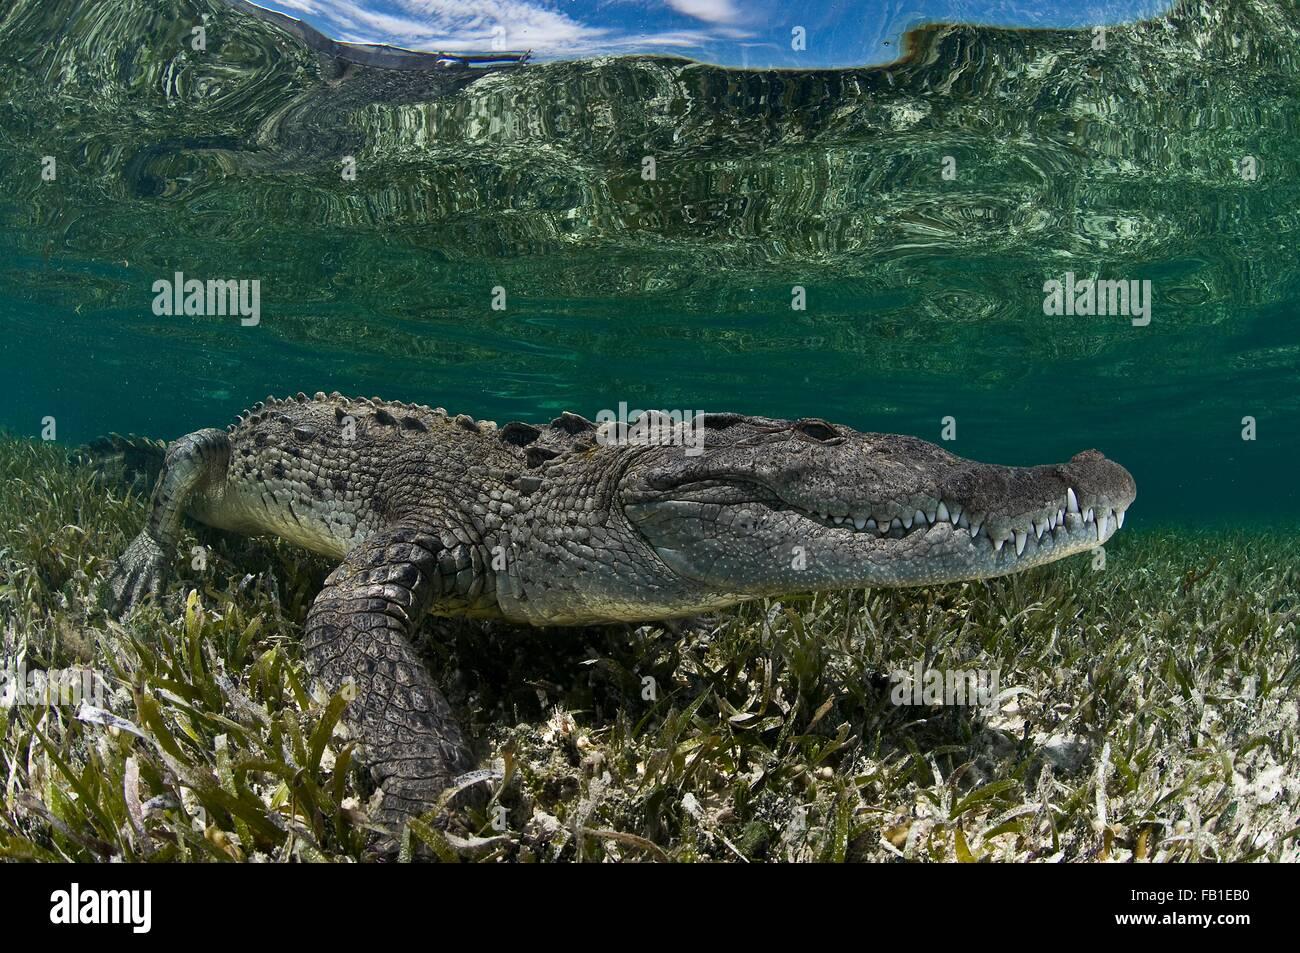 Vista lateral del submarino de cocodrilo sobre algas marinas en aguas poco profundas, el Atolón de Chinchorro, Quintana Roo, México. Foto de stock